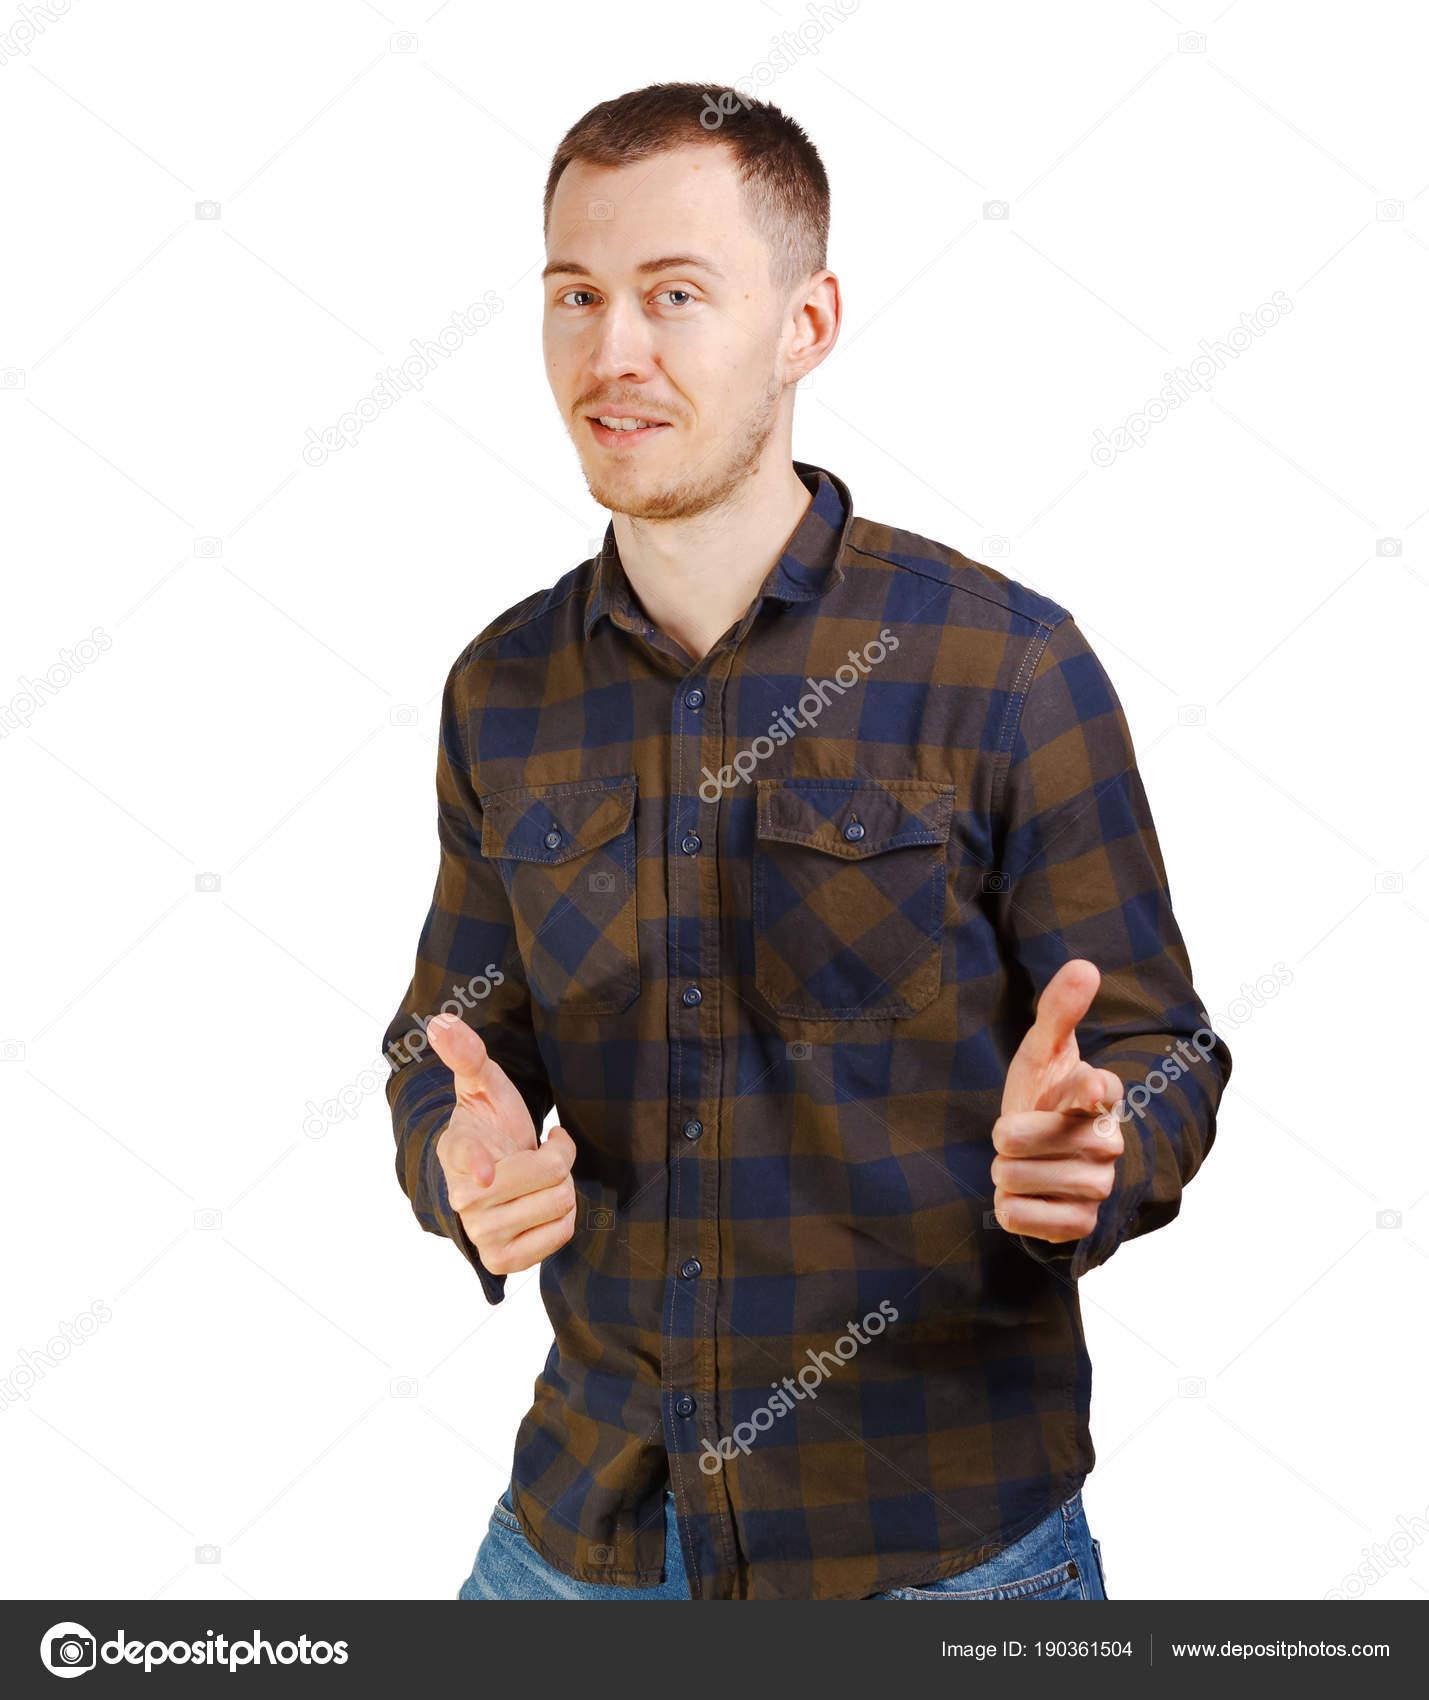 Funny joven en ropa casual camisa a cuadros haciendo un gesto de ...